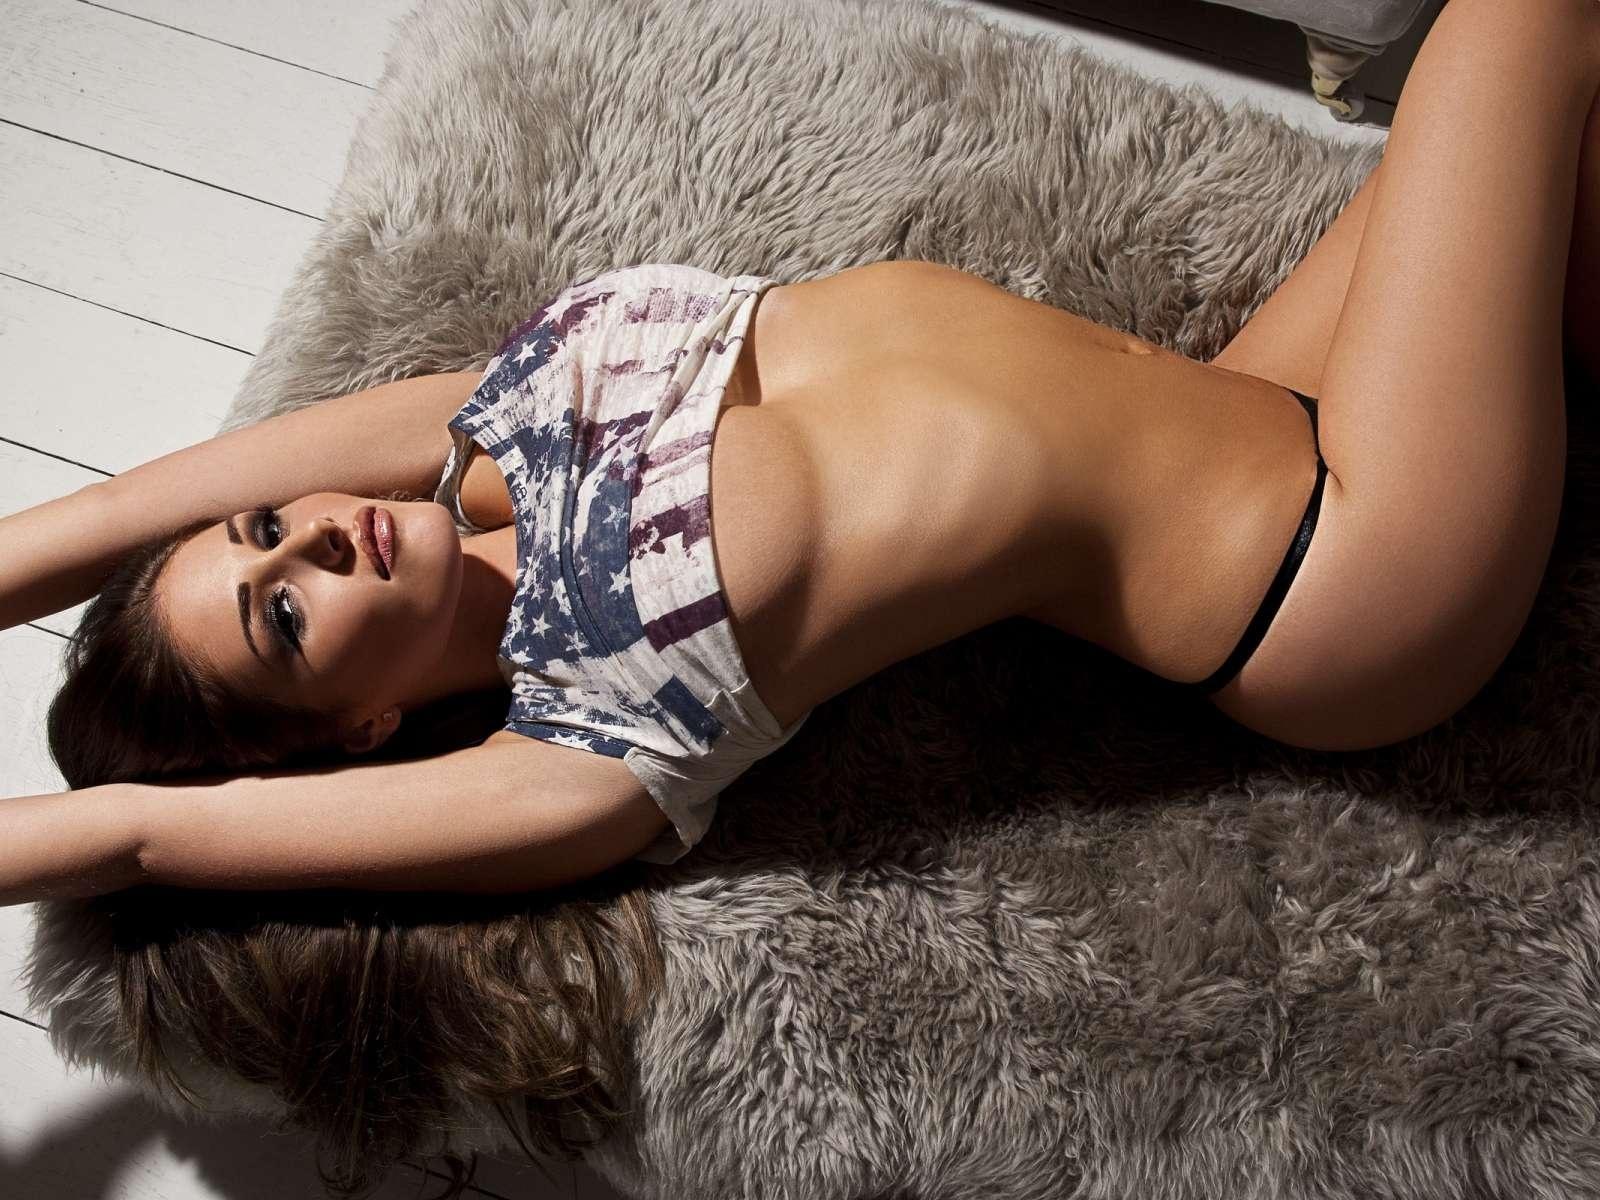 Фотомодели без одежды фото, Девушки в откровенной одежде (62 фото) 3 фотография